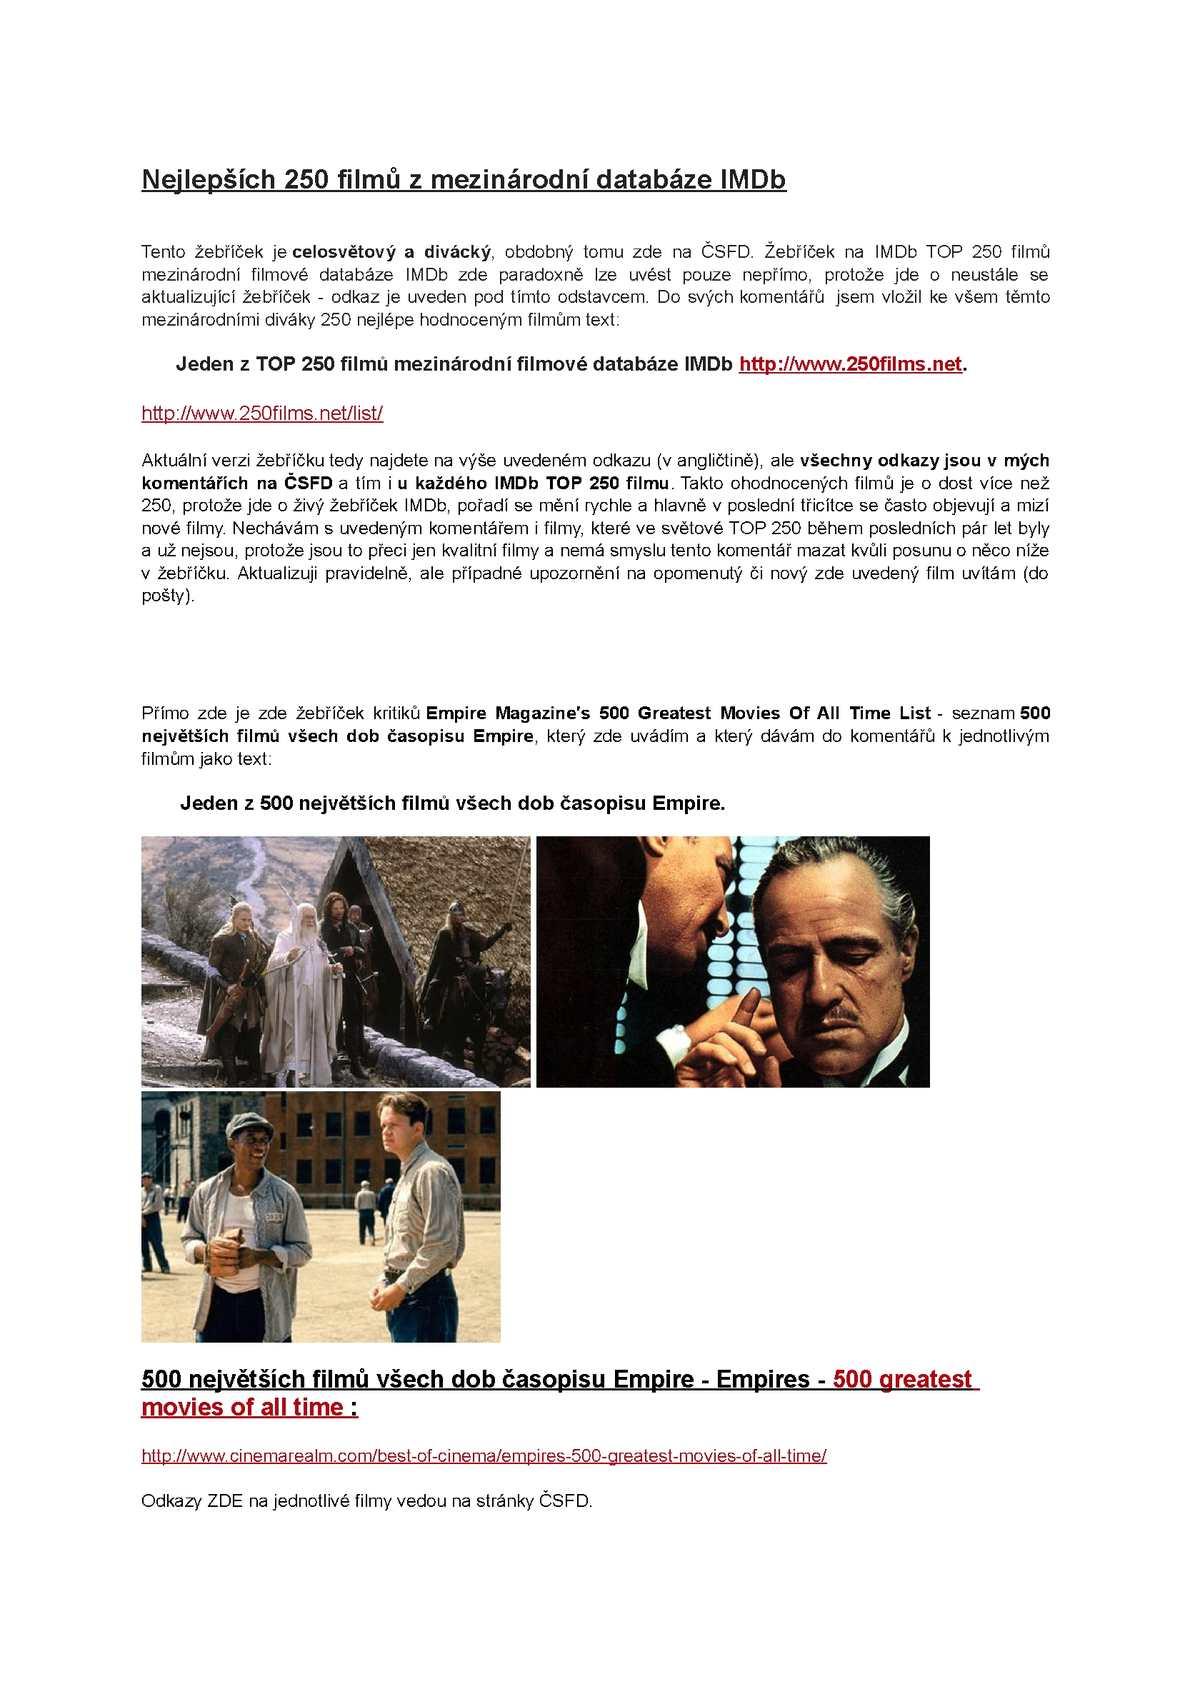 Wedding Crashers Imdb.Calameo Nejlepsich 250 Filmu Z Mezinarodni Databaze Imdb